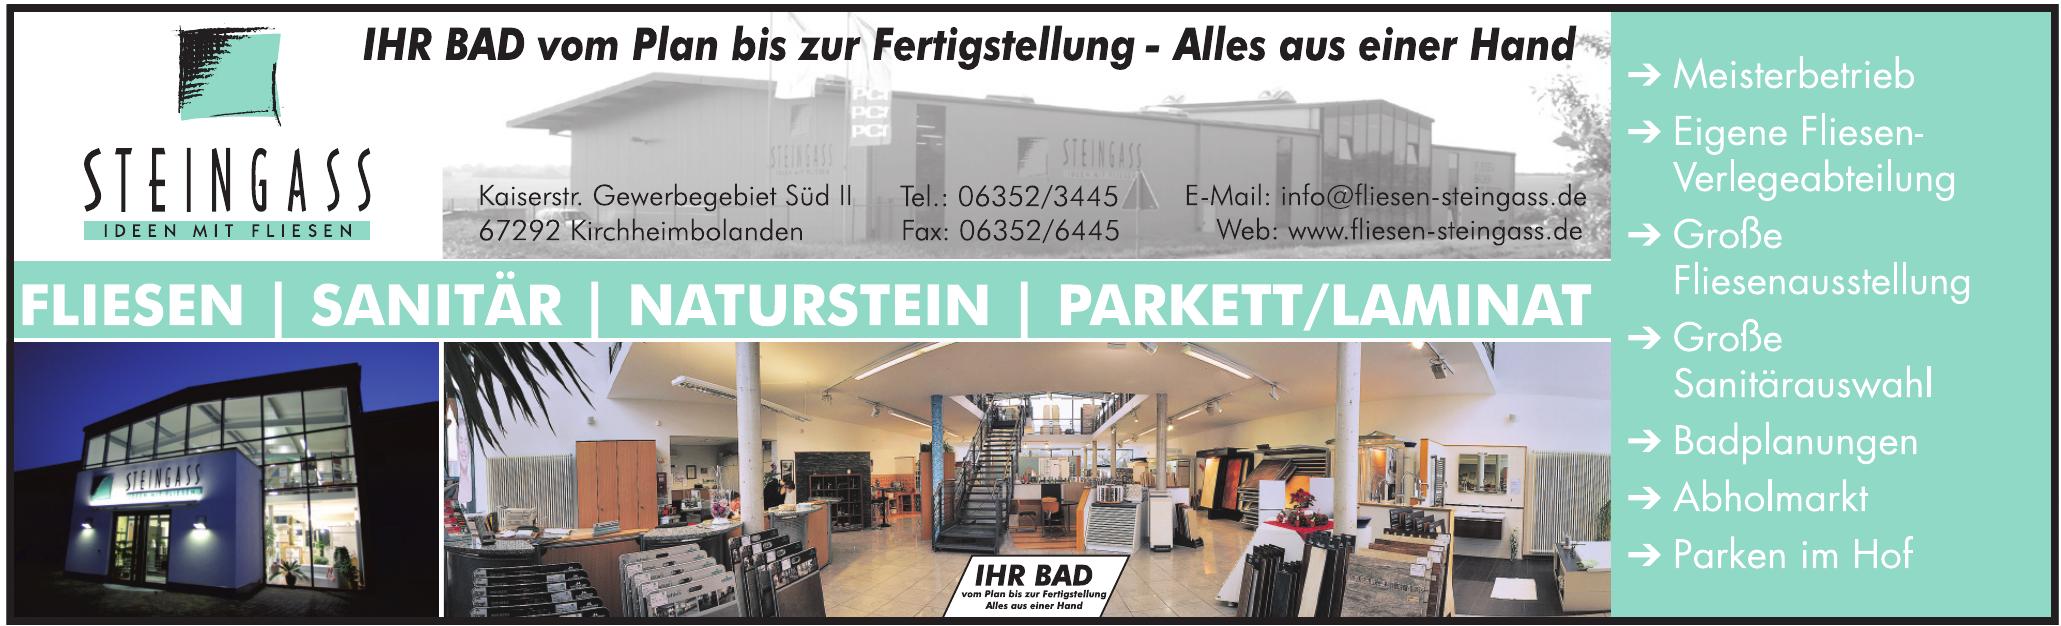 K.H. Steingass Fliesenfachgeschäft GmbH